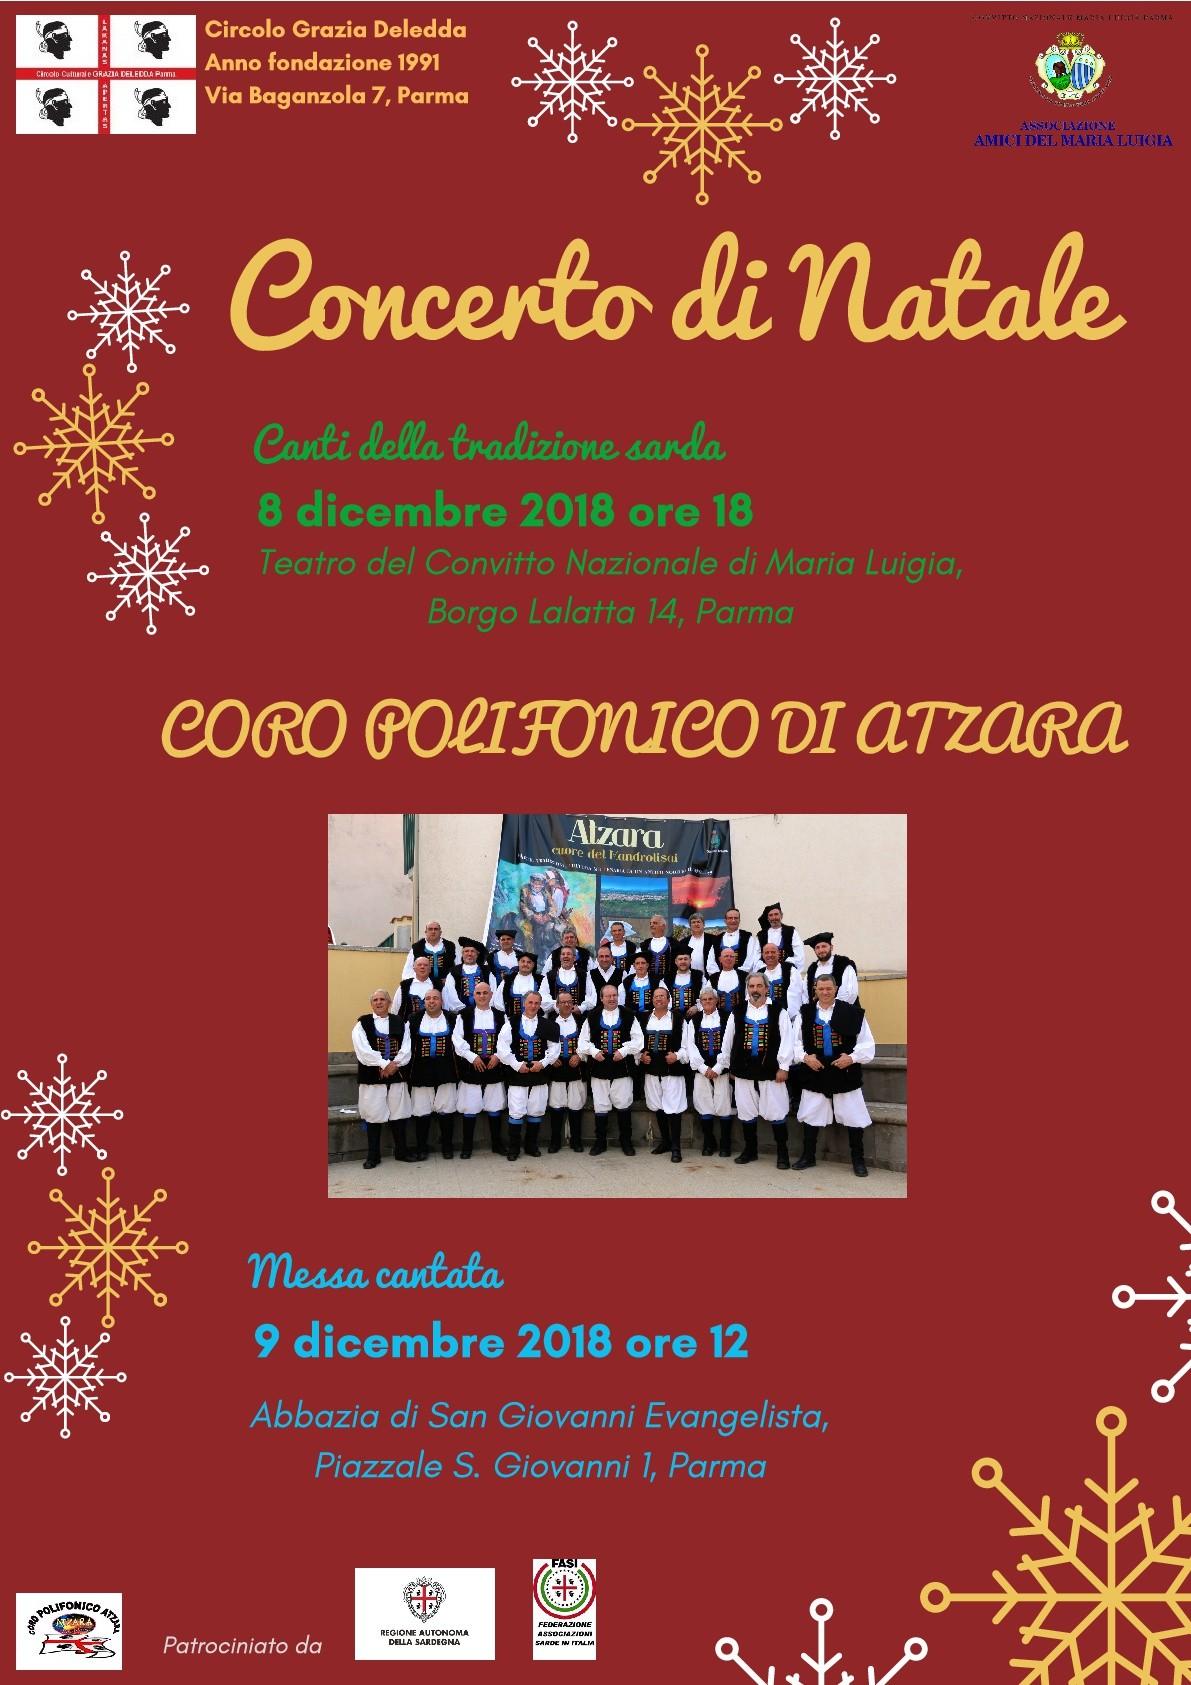 """Concerto di Natale organizzato dal Circolo """"Grazia Deledda"""""""